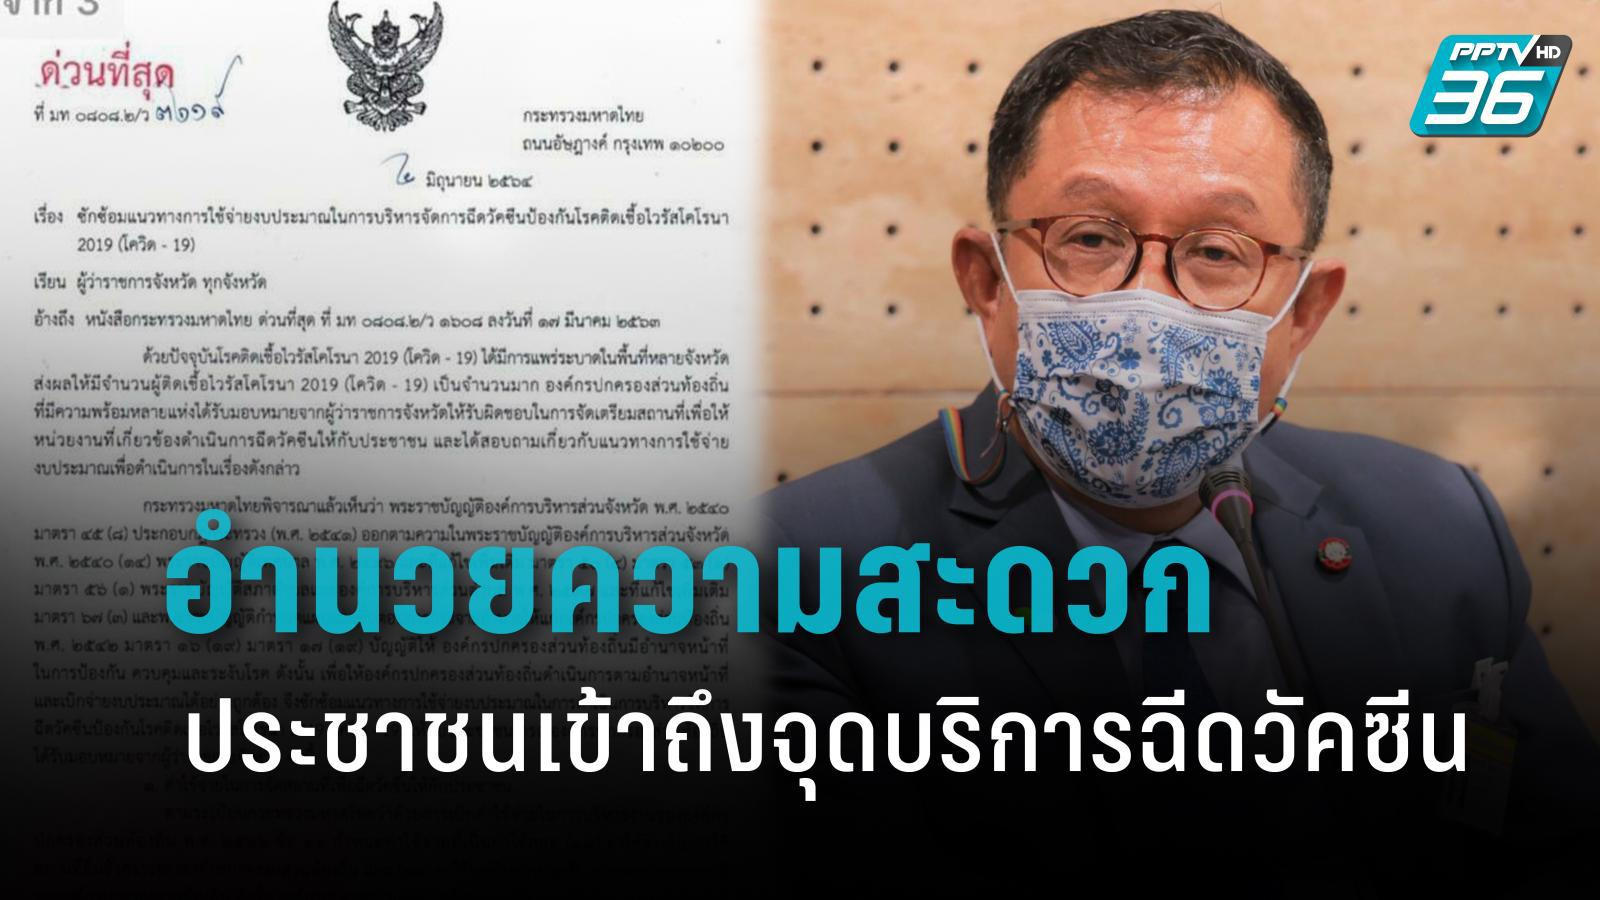 ภูมิใจไทย ขอบคุณ มหาดไทย อำนวยความสะดวกปชช. เข้าถึงจุดบริการฉีดวัคซีน